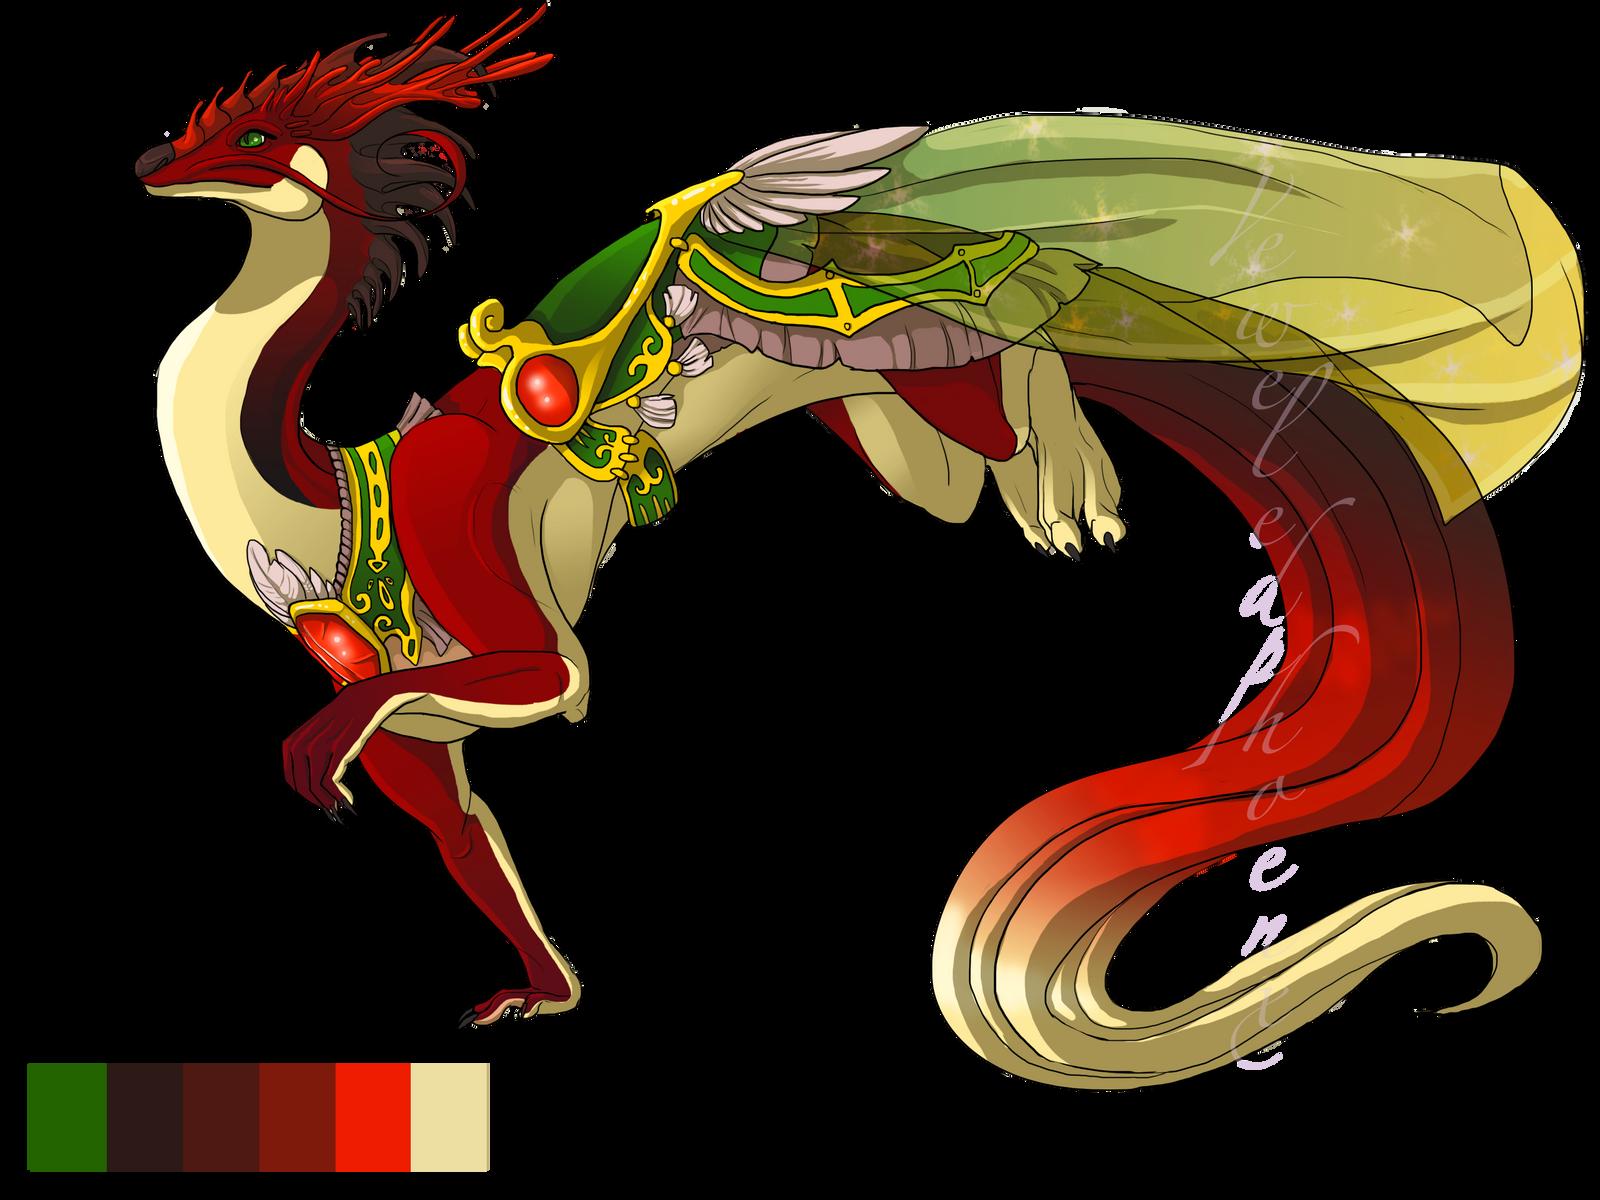 Birthstone Dragon 001: Garnet